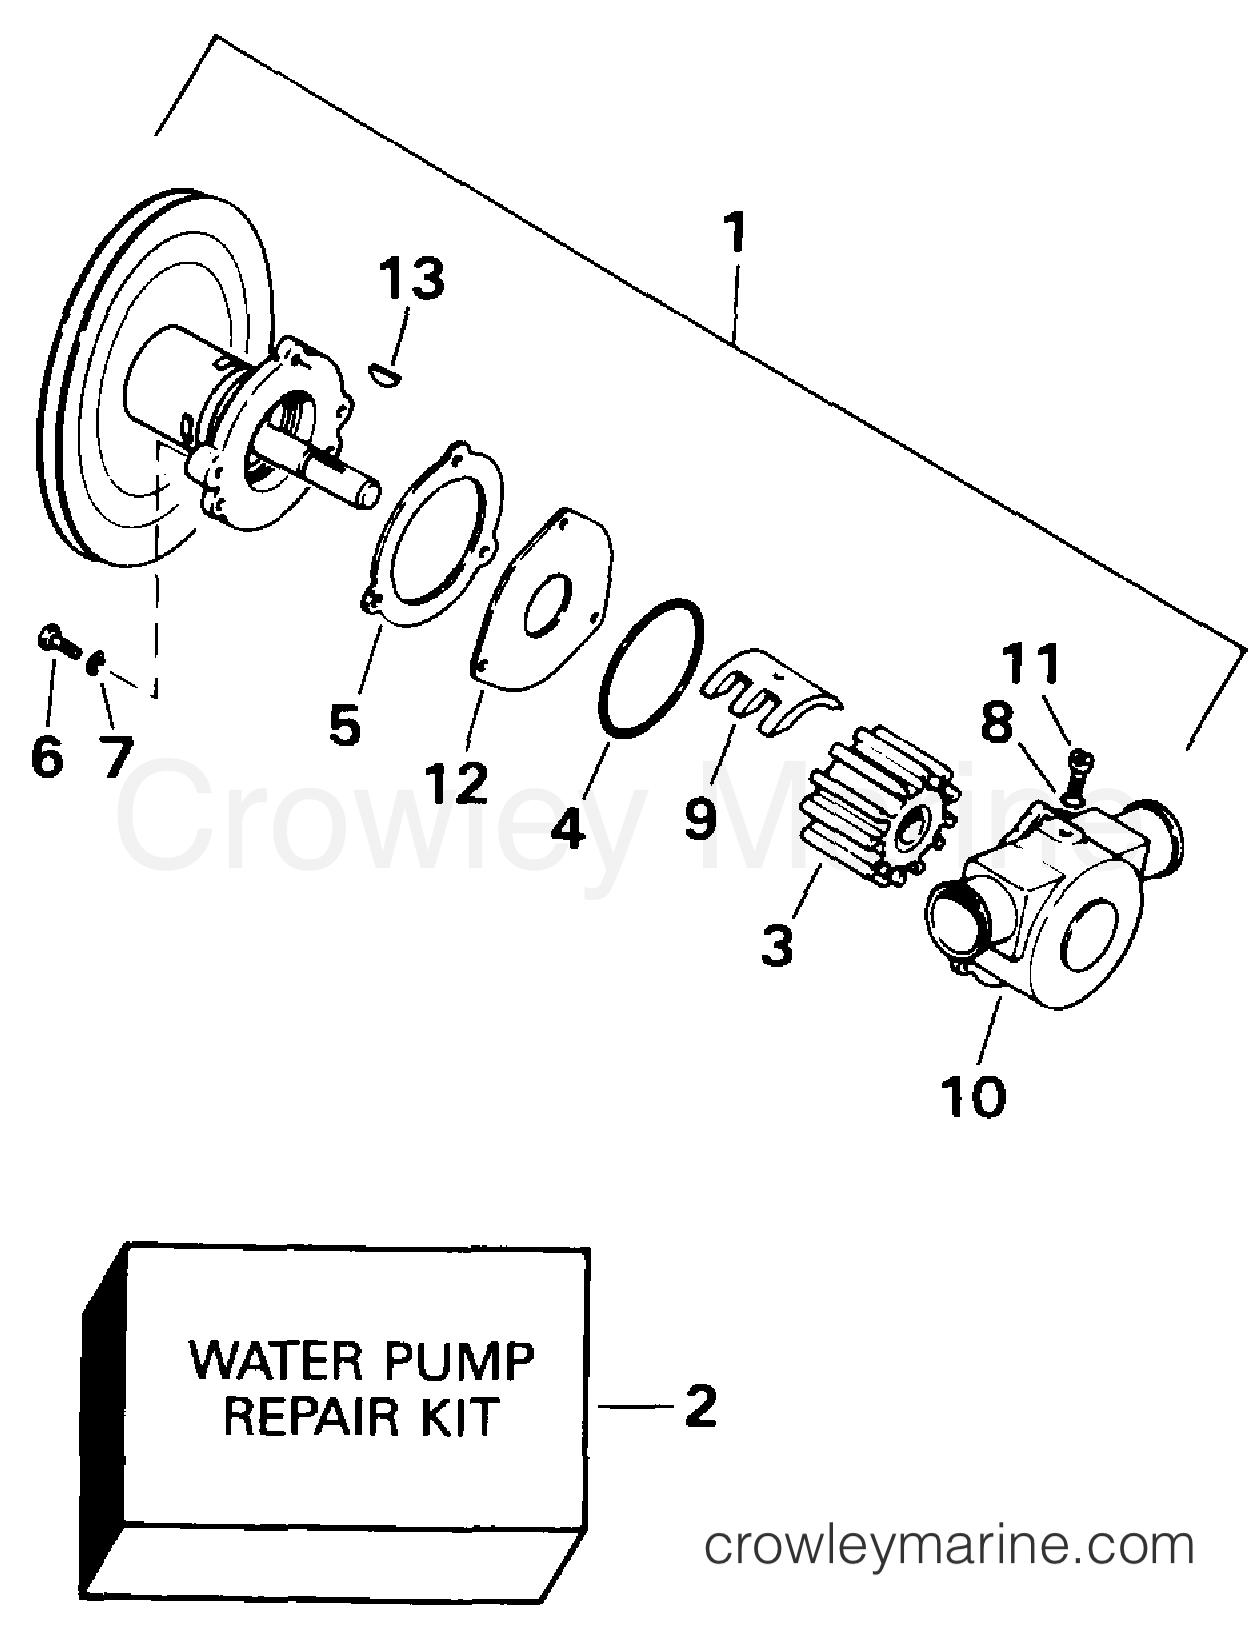 1994 OMC Stern Drive 5.8 - 58FAGPMDM - WATER PUMP